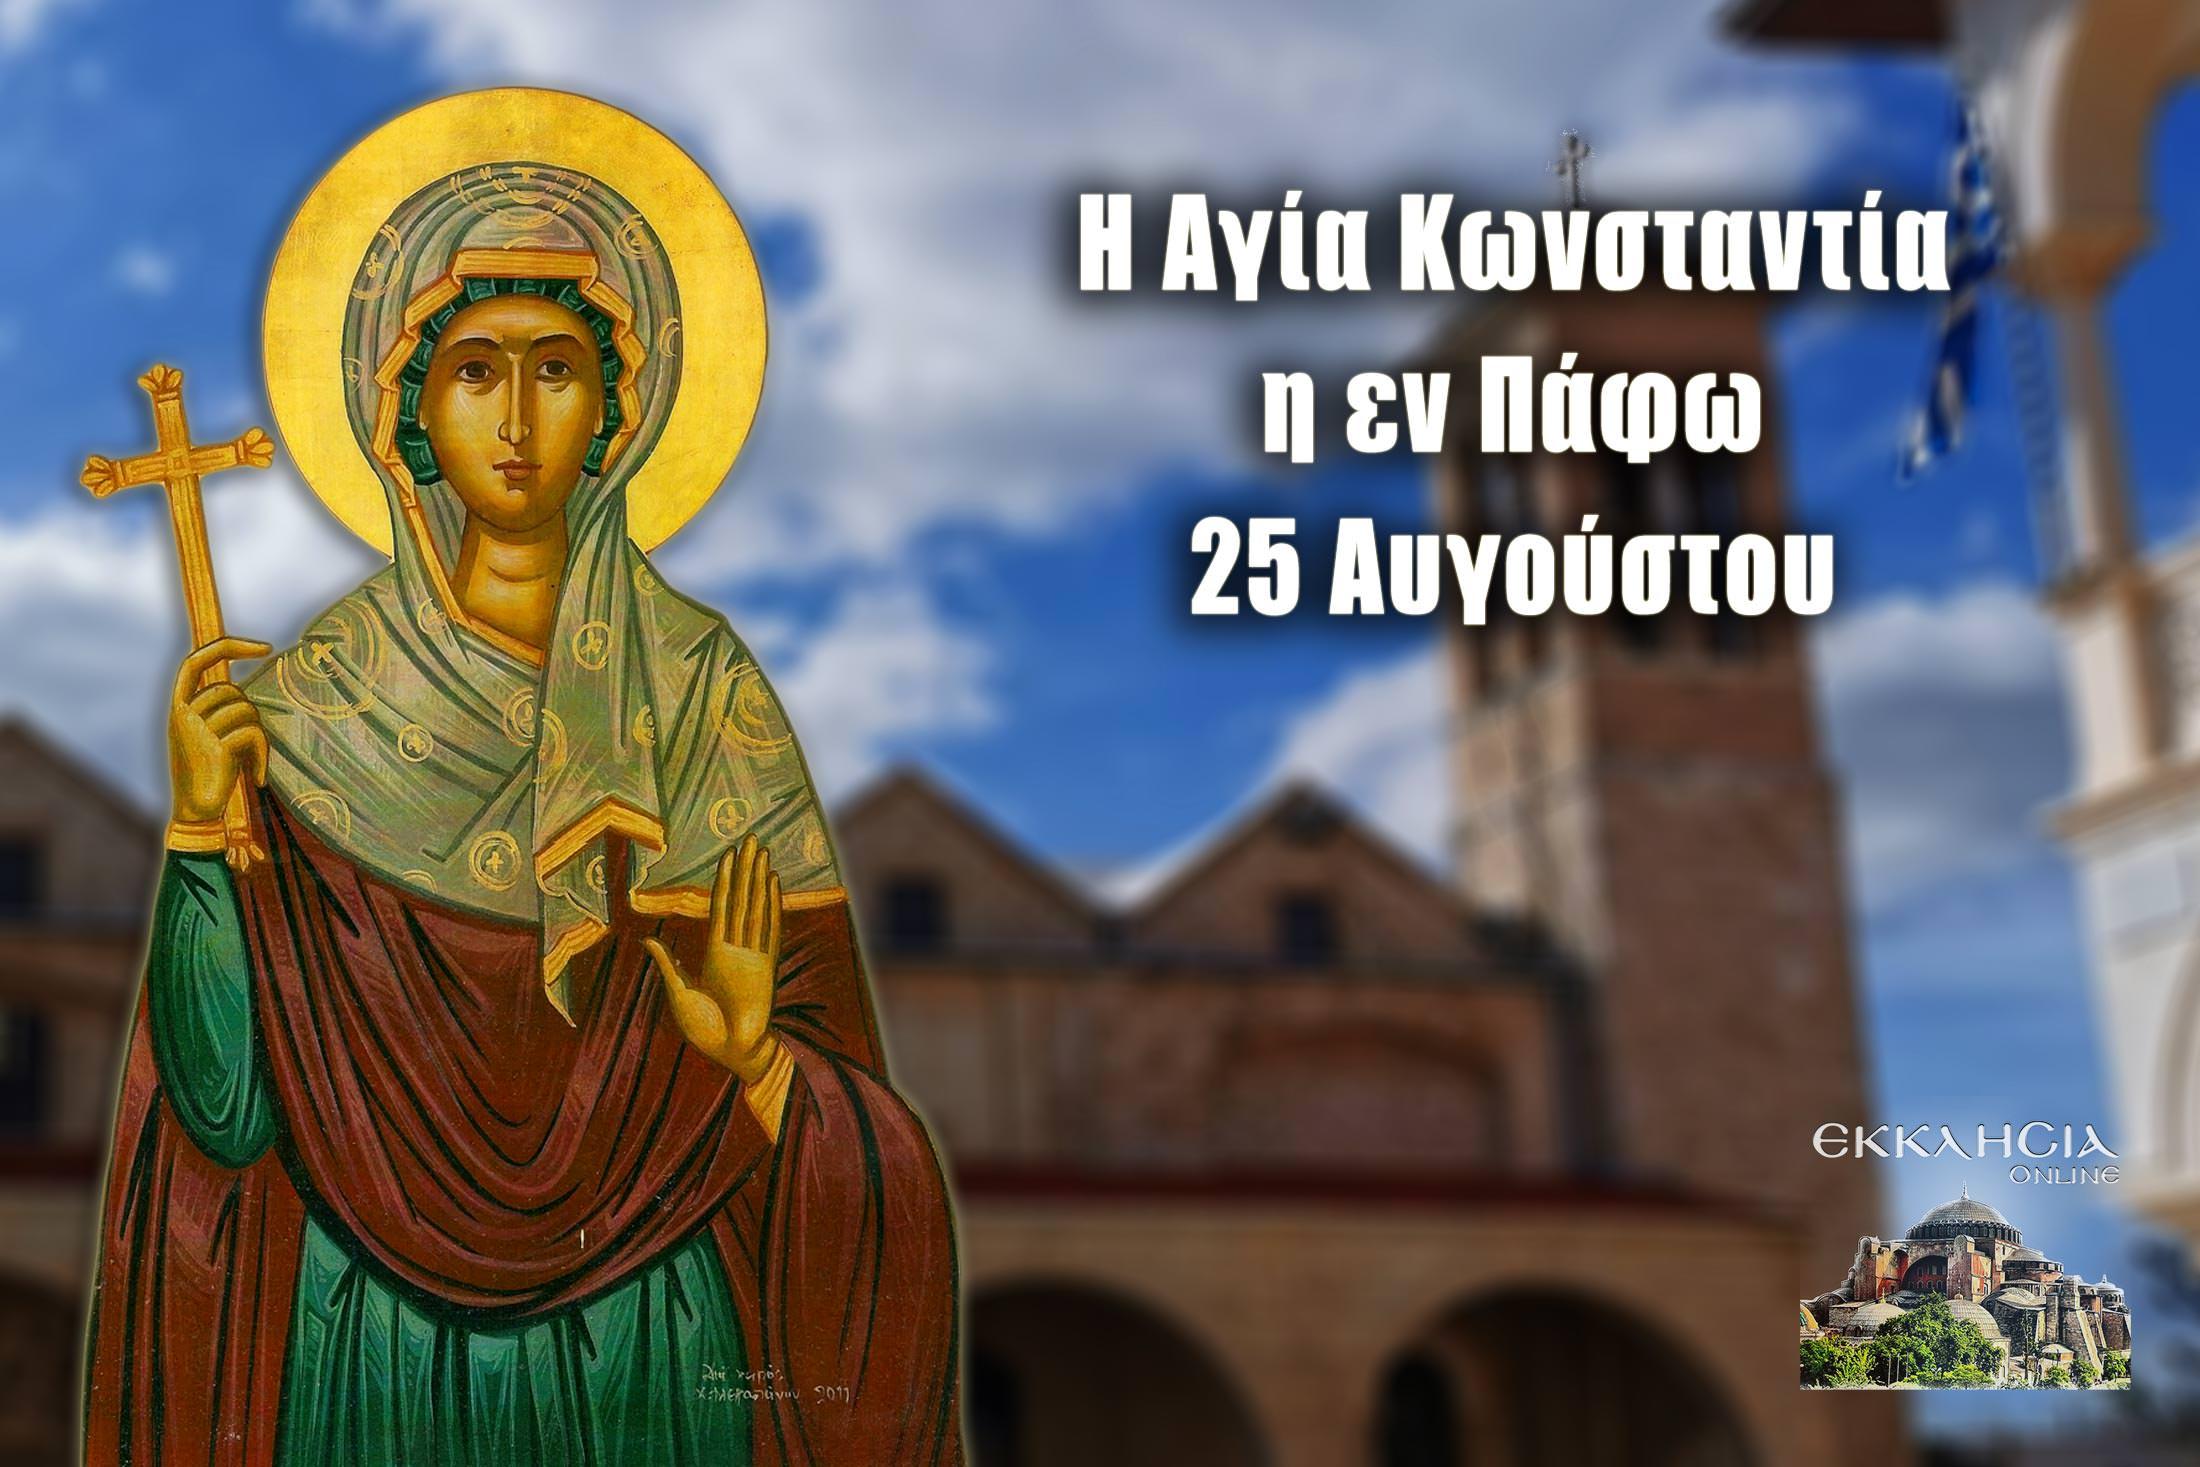 Αγία Κωνσταντία η εν Πάφω 25 Αυγούστου